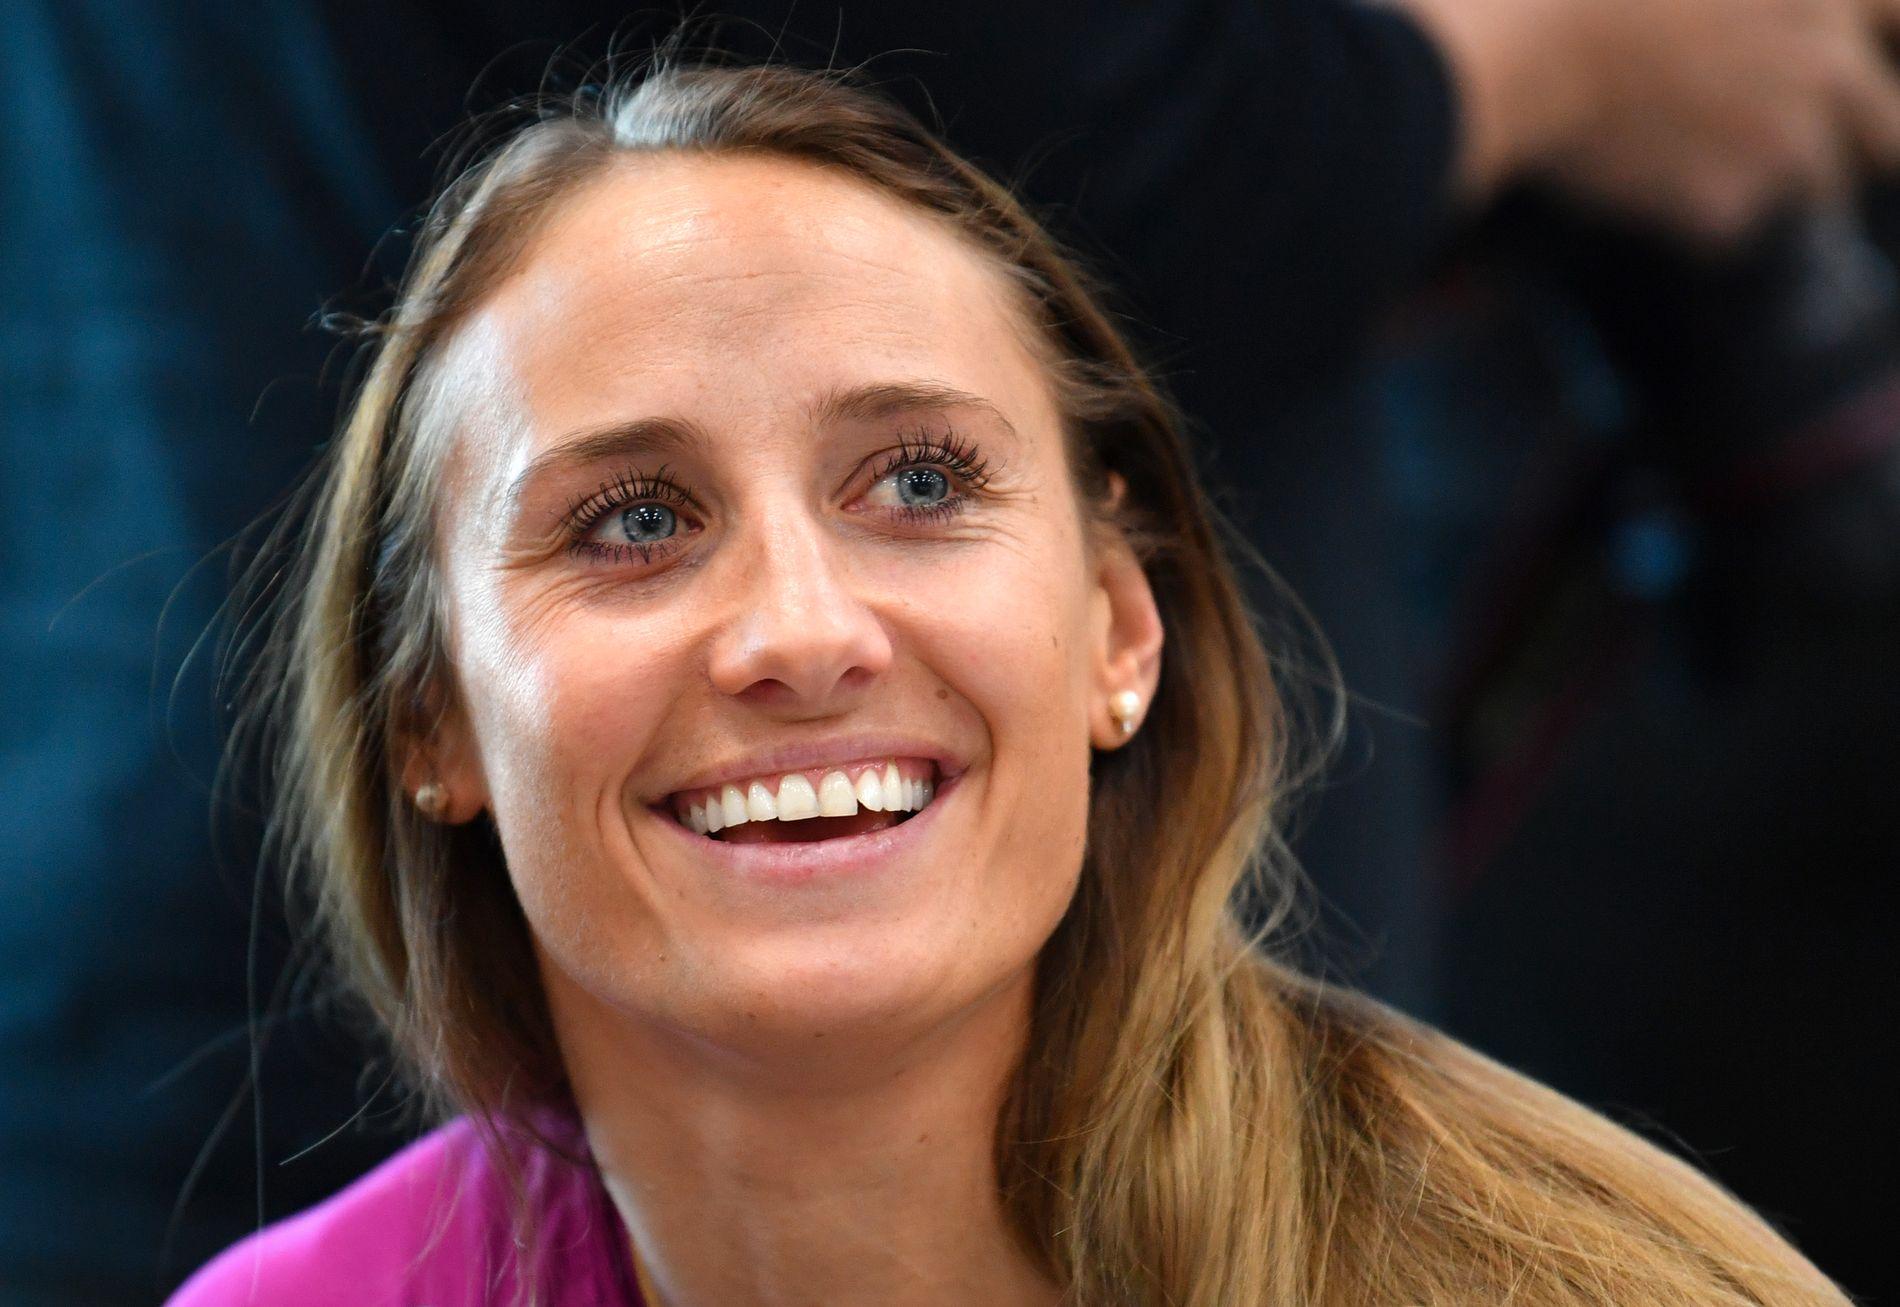 NETTKJENNING: Etter åtte måneder borte fra håndballen fikk Camilla Herrem nettkjenning igjen i kveld.